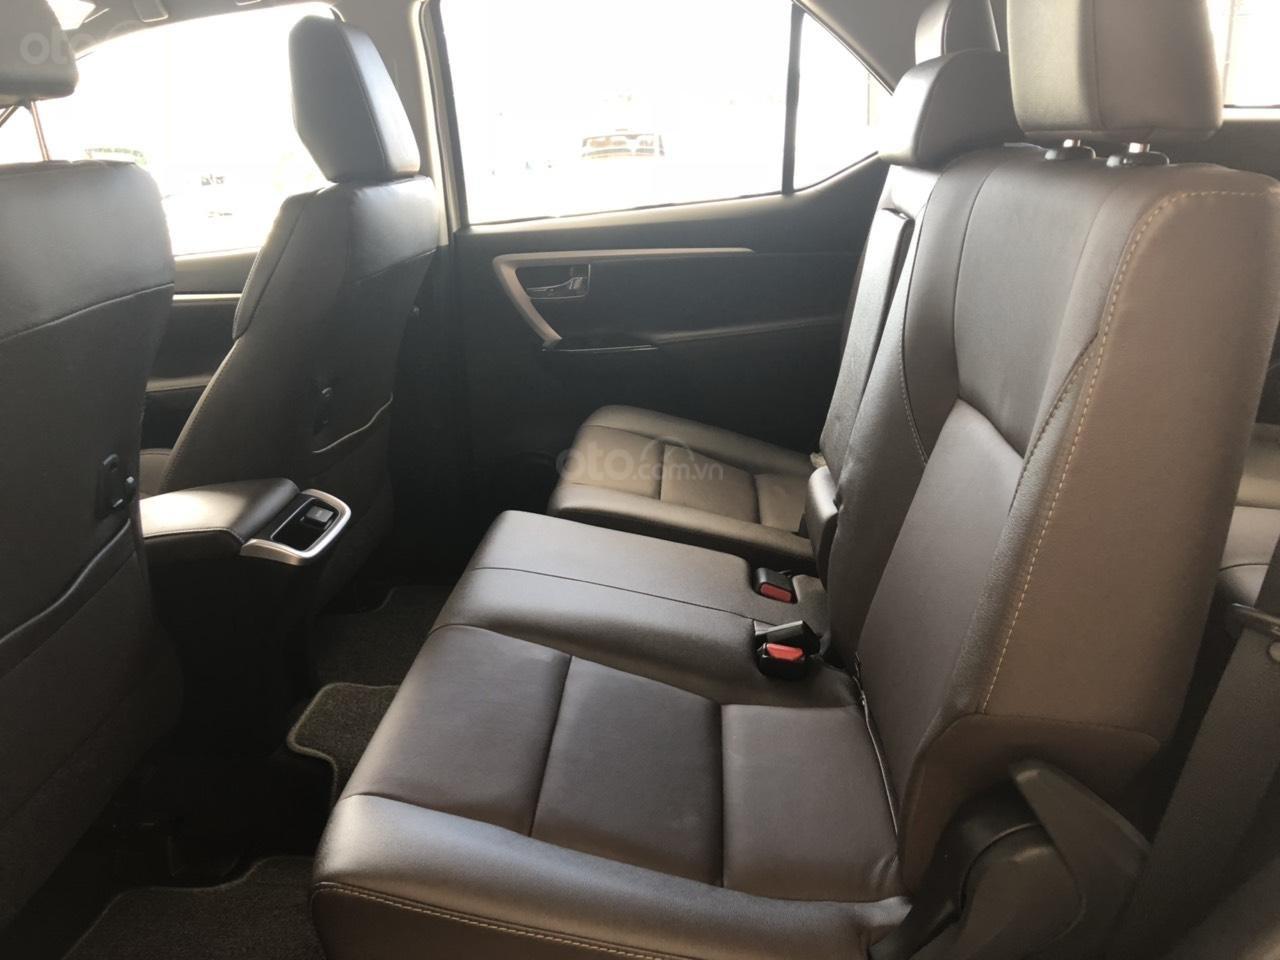 Toyota Fortuner 2.7 V, màu trắng, xe nhập khẩu - khuyến mãi tiền mặt- tặng phụ kiện (3)